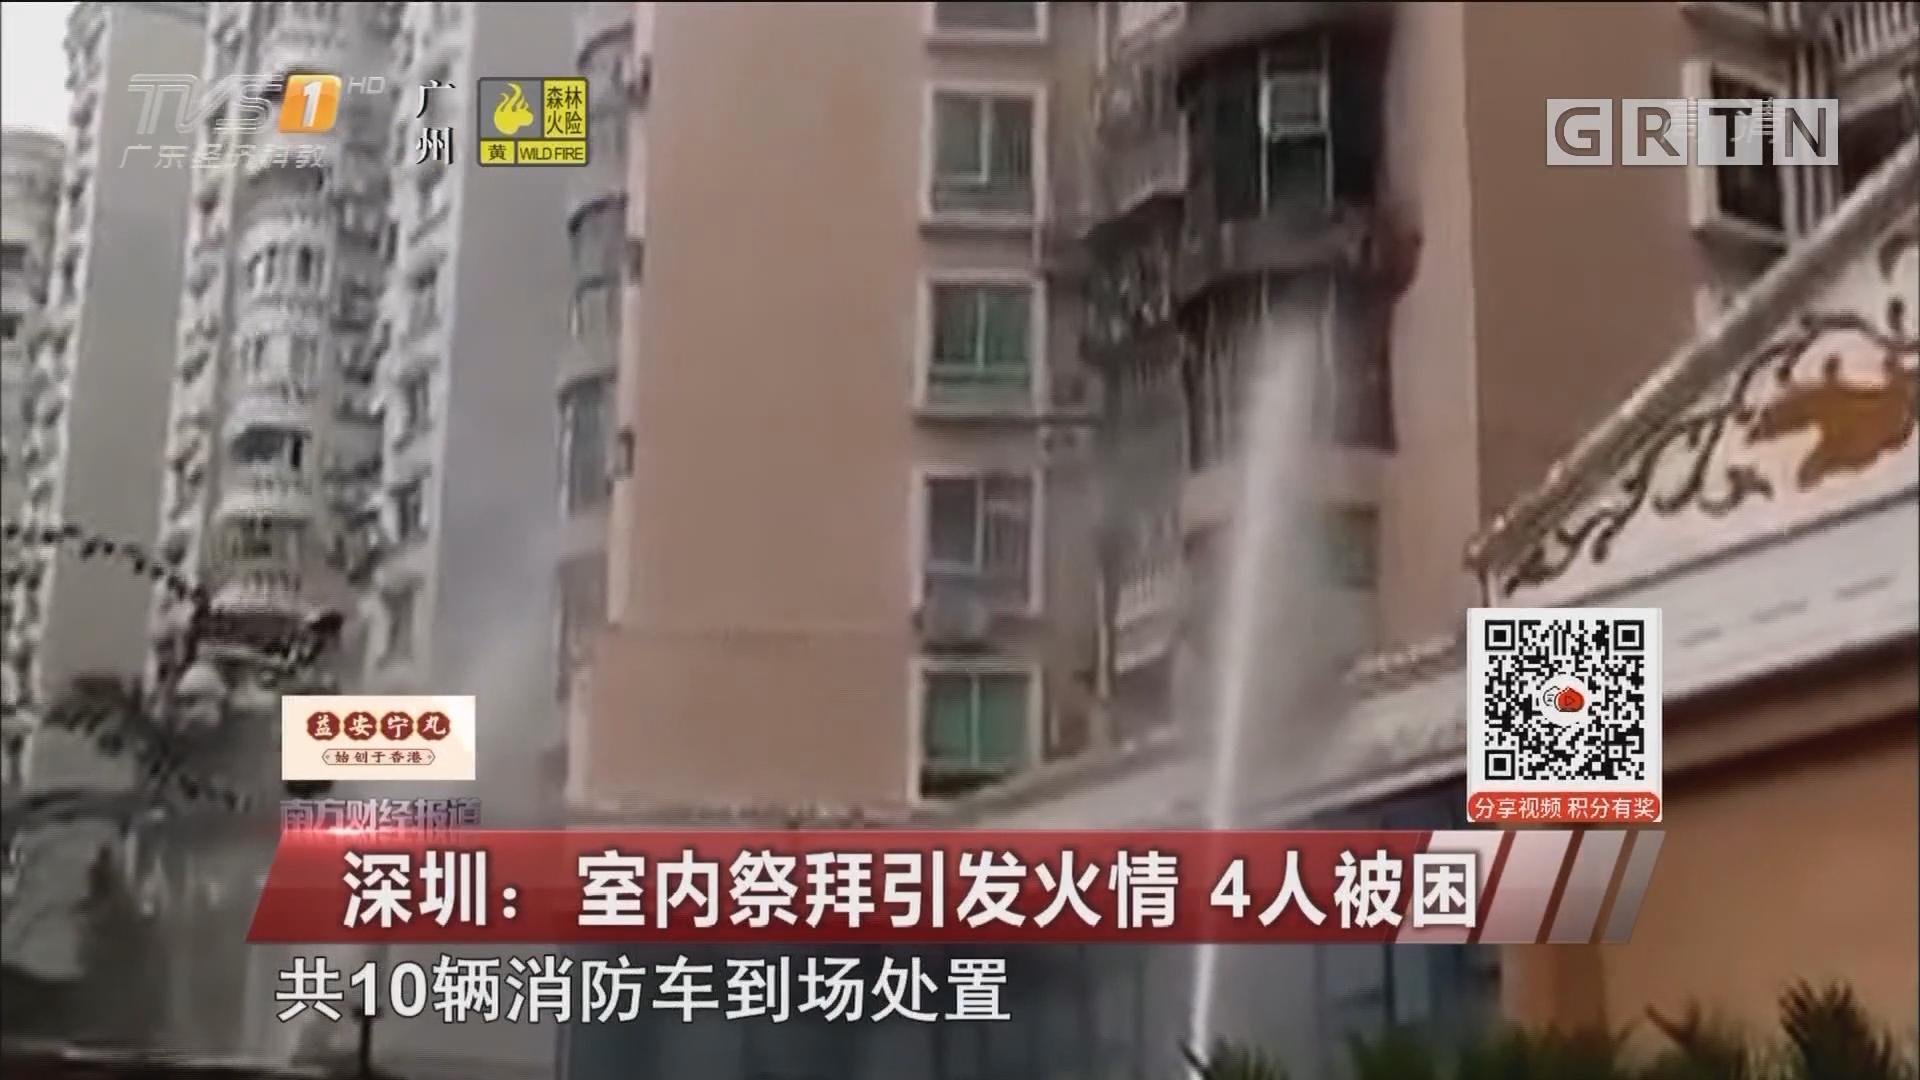 深圳:室内祭拜引发火情 4人被困